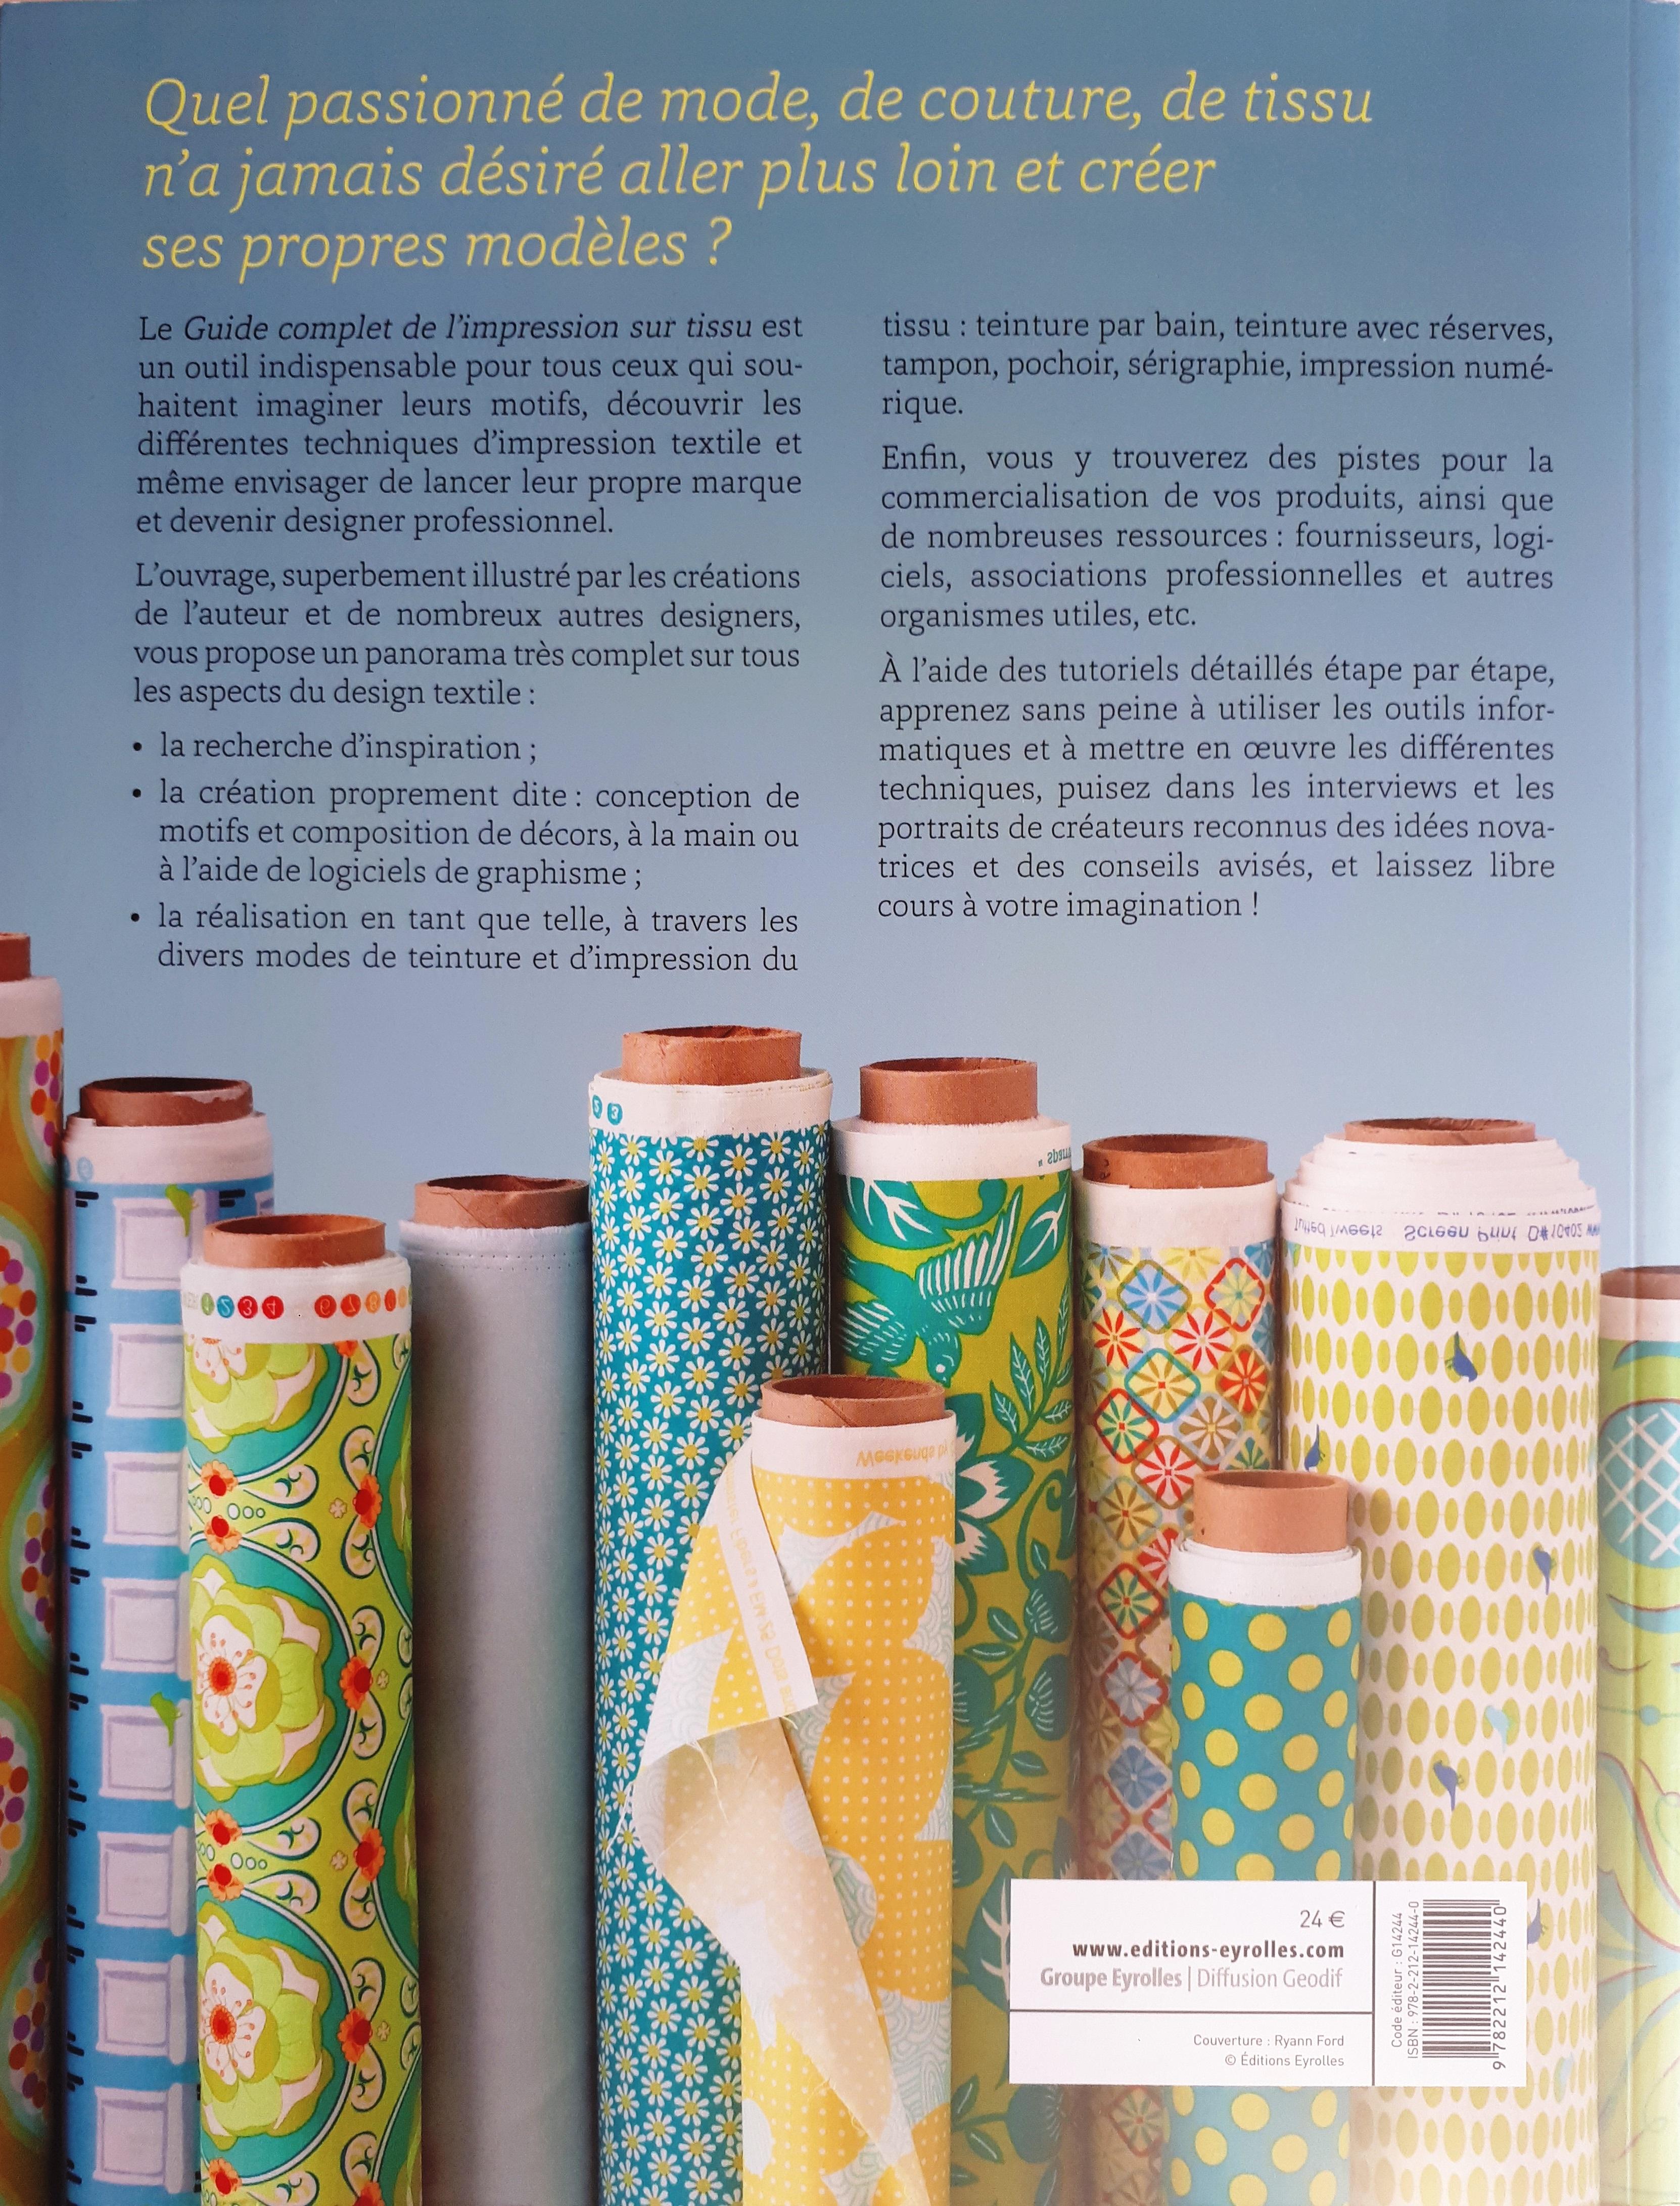 Guide complet de l'impression sur tissu (dos du livre )